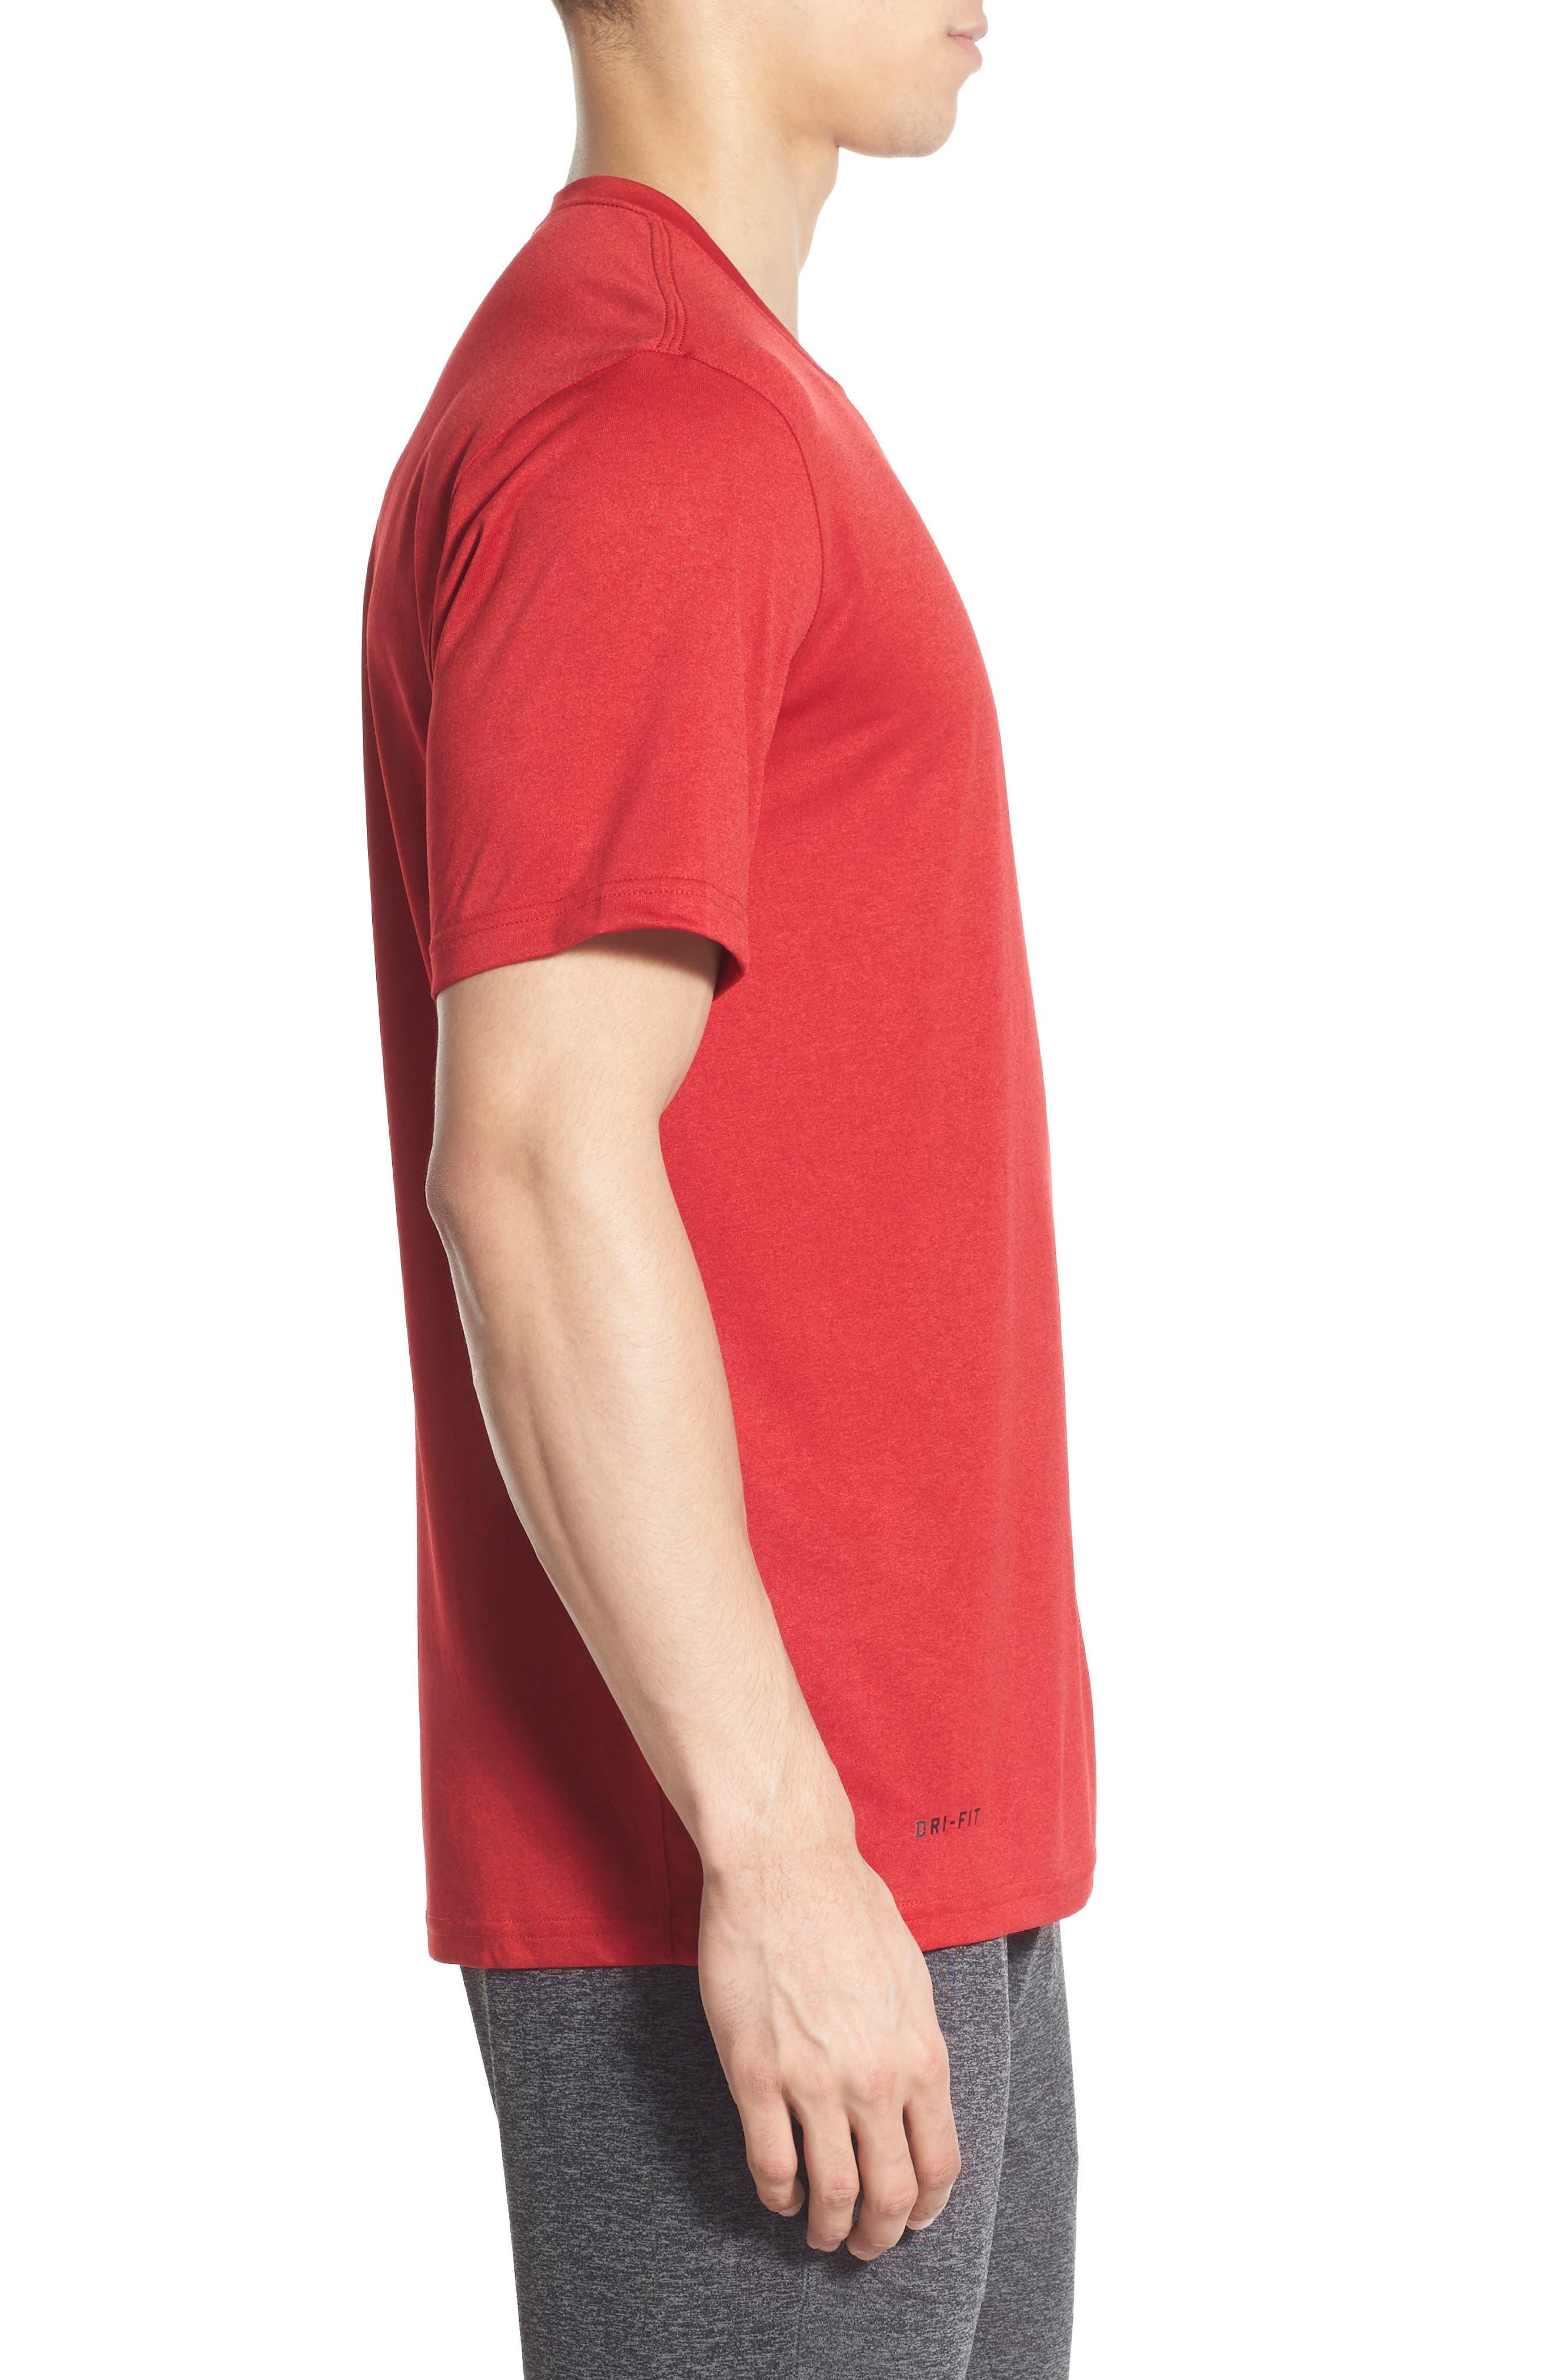 Legend 2.0 Dri-FIT Graphic T-Shirt,                             Alternate thumbnail 2, color,                             GYM RED/BLACK/BLACK